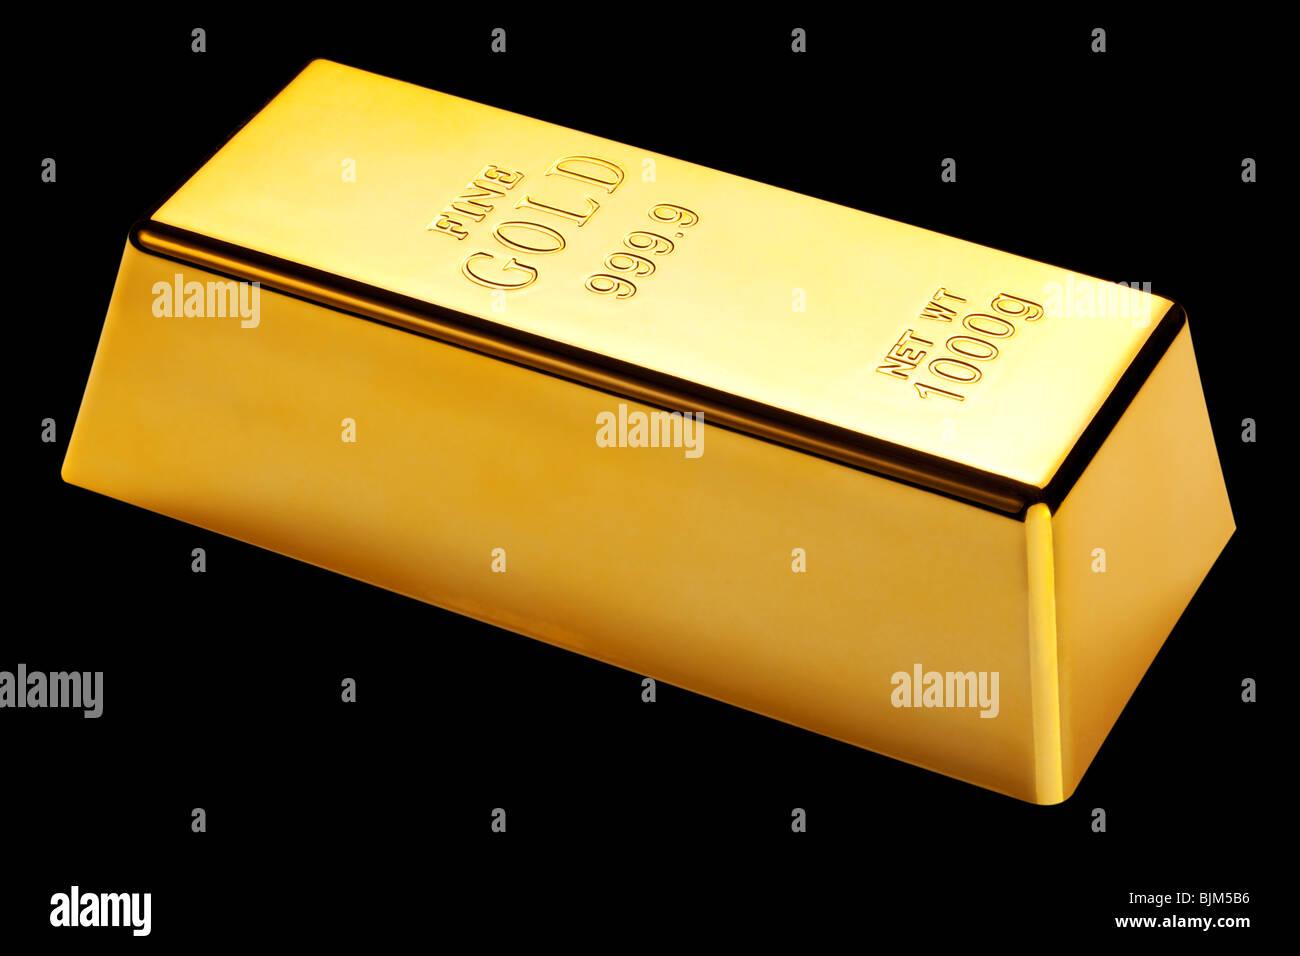 Foto von einem 1kg gold Bar auf schwarzem Hintergrund isoliert Stockbild